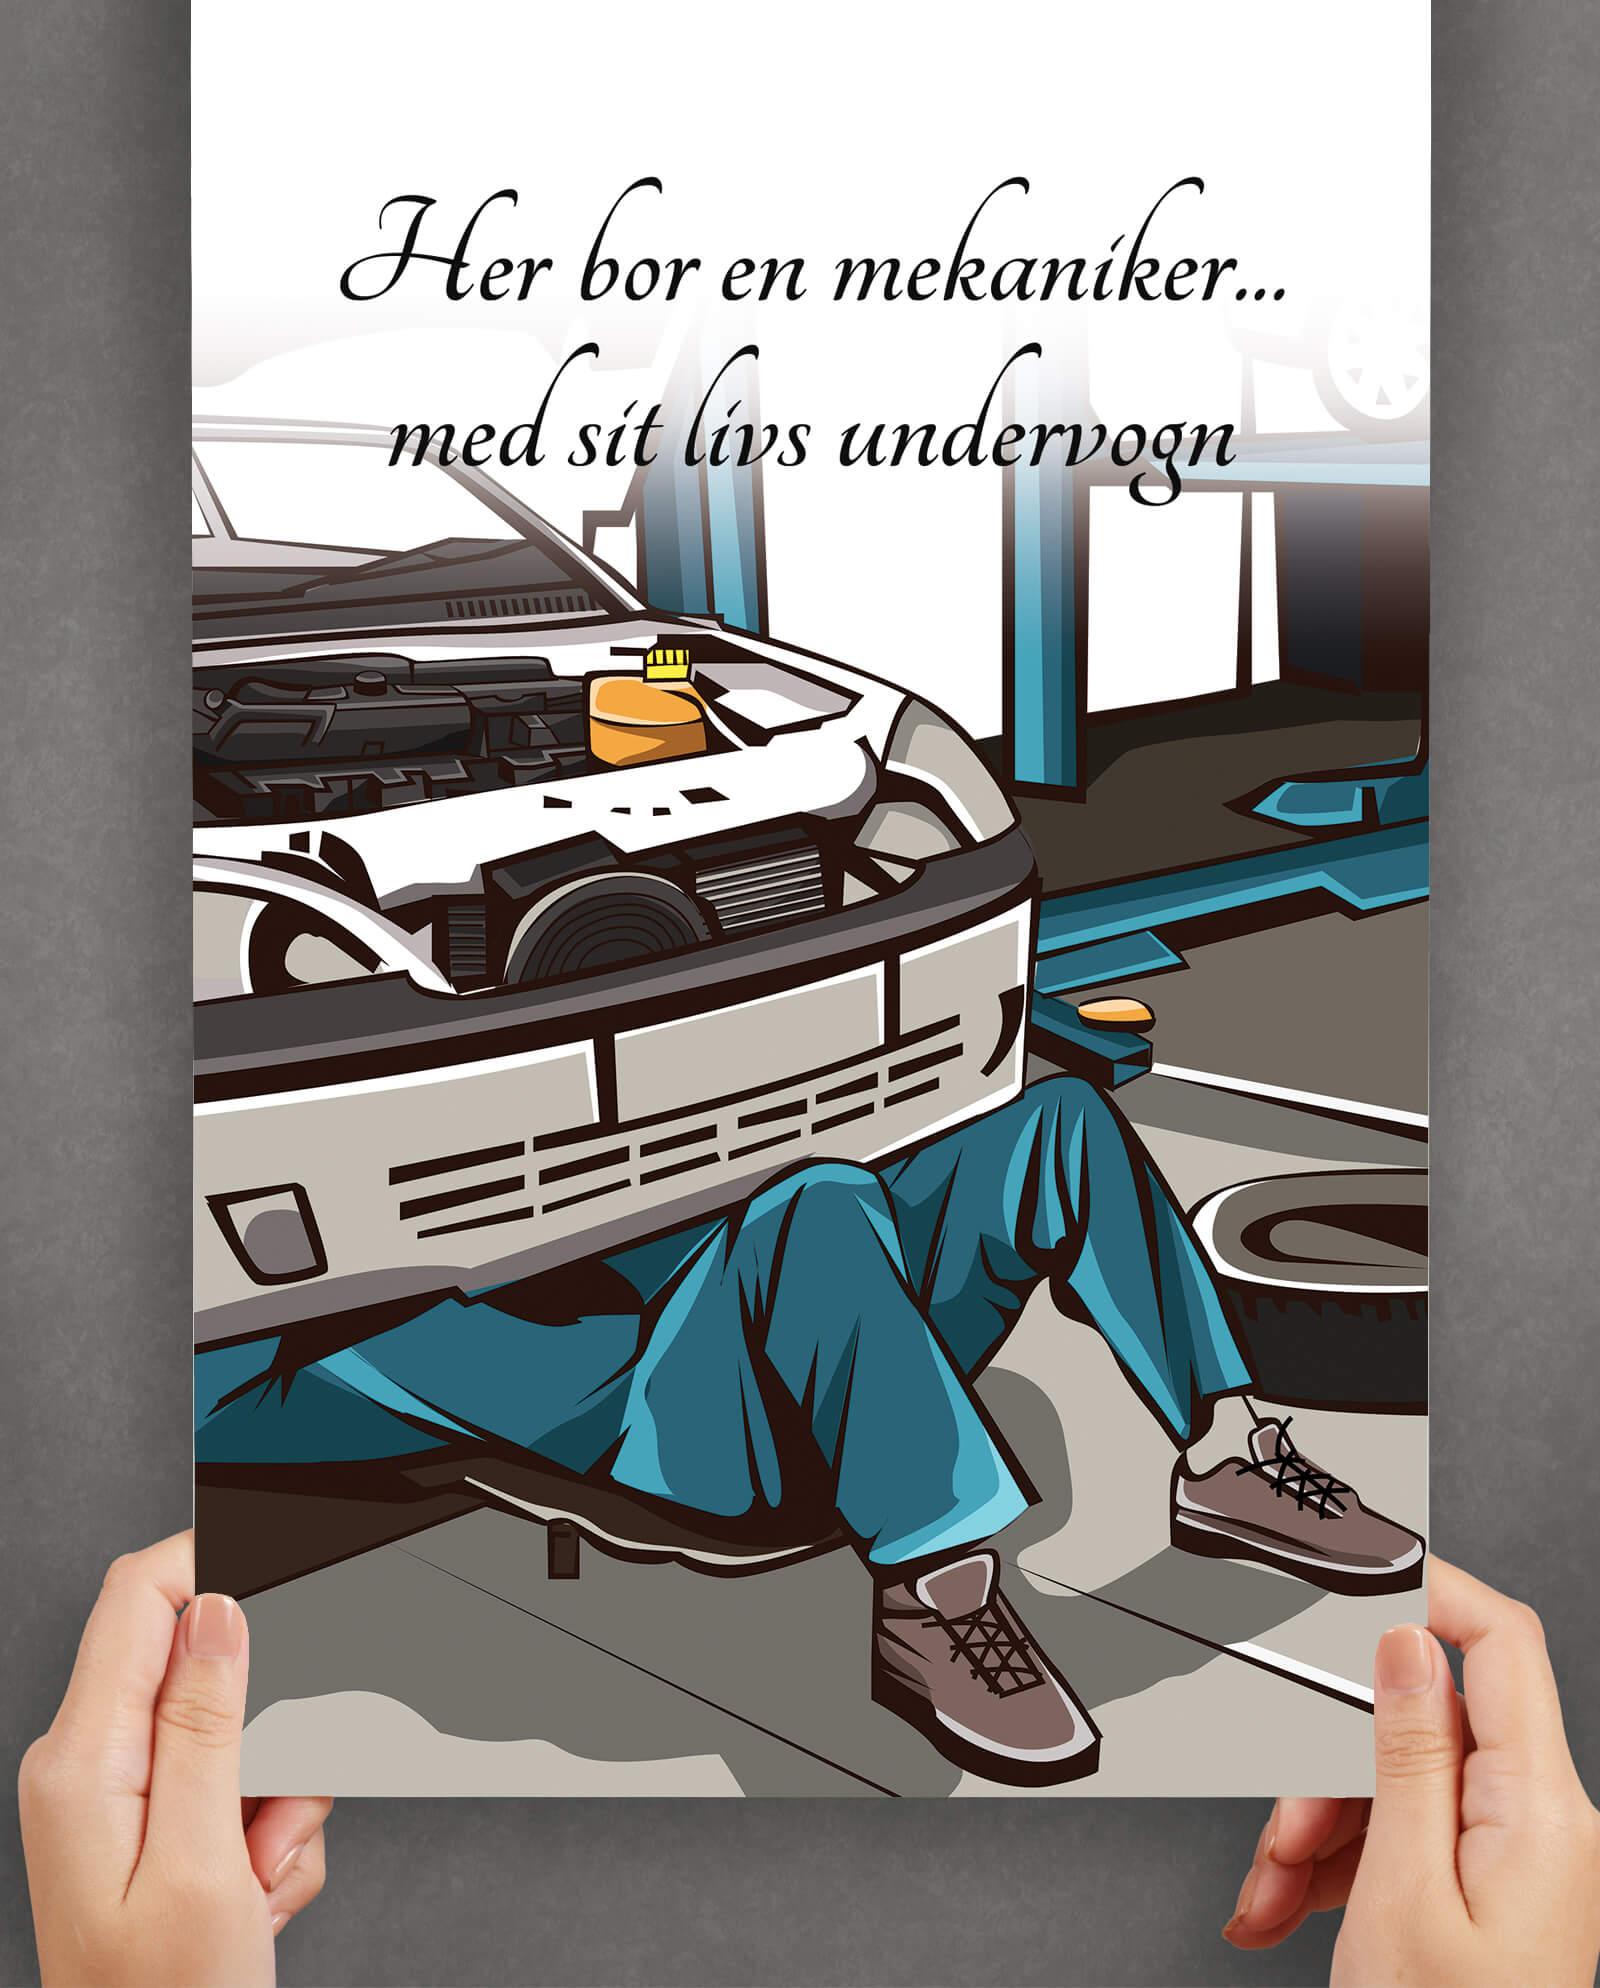 mekaniker-farve-undervogn